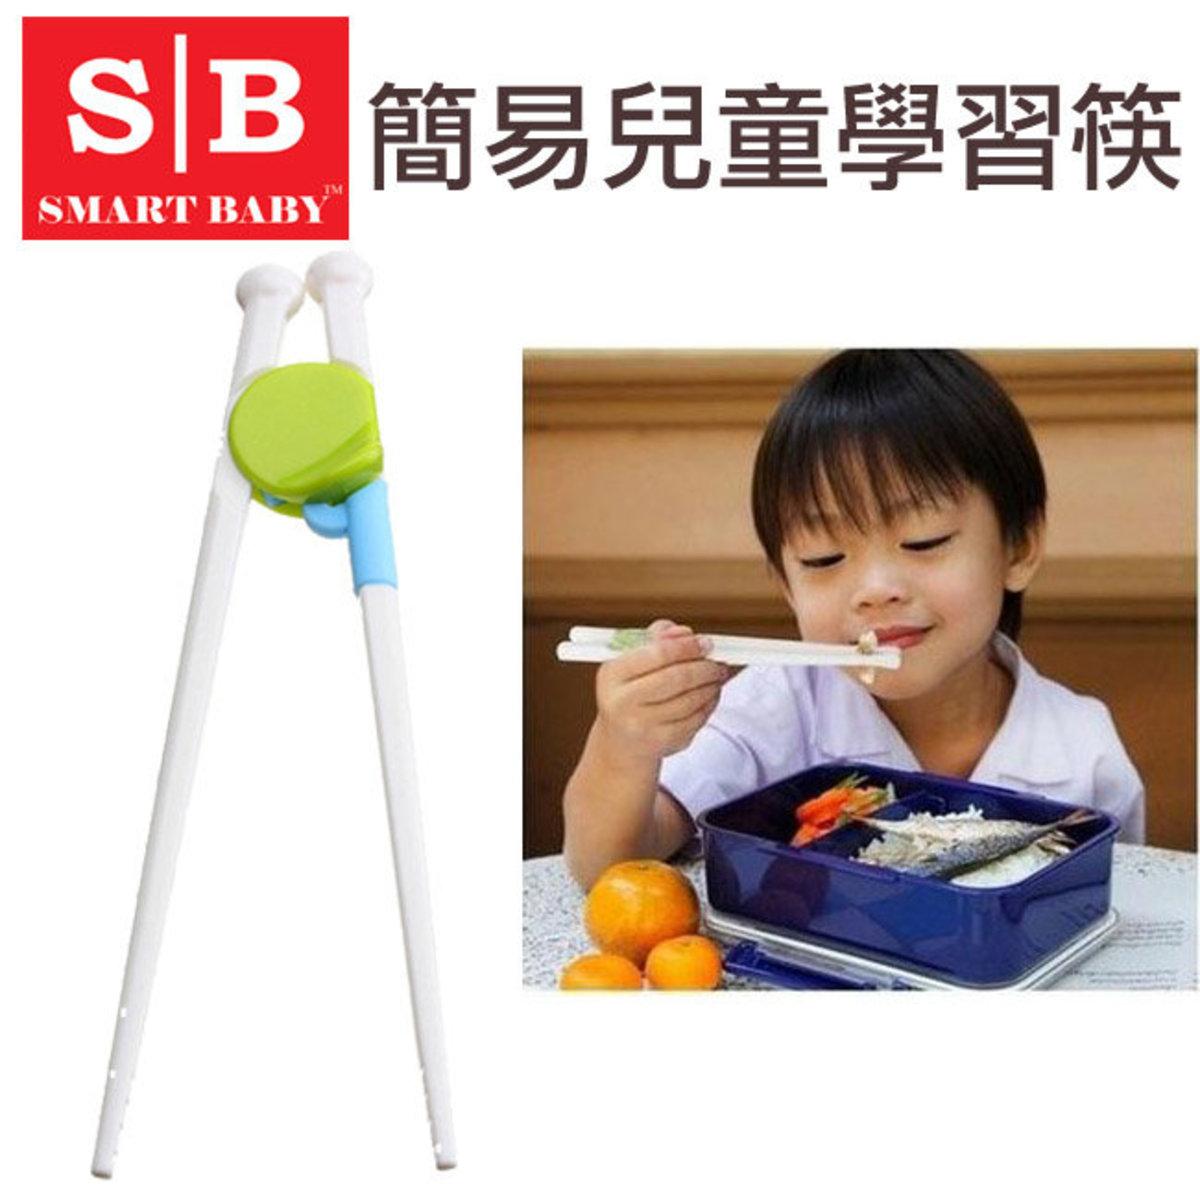 幼兒/ 兒童學習筷/ 簡易學習筷 (綠色)